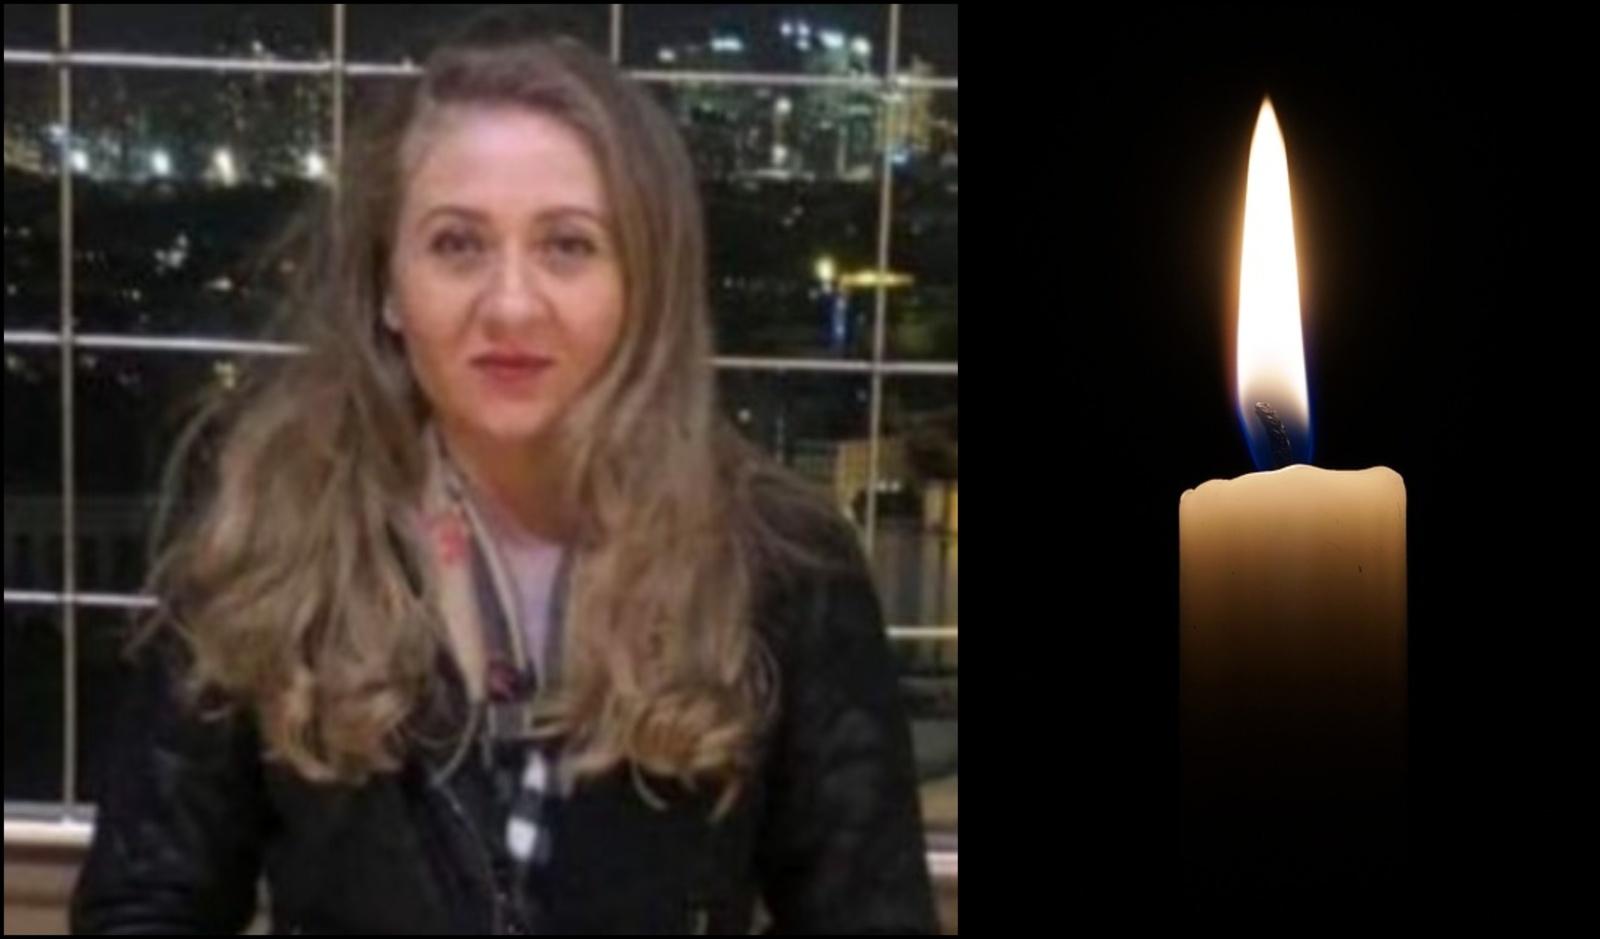 Paviešintas Londone žiauriai nužudytos lietuvės žudikas